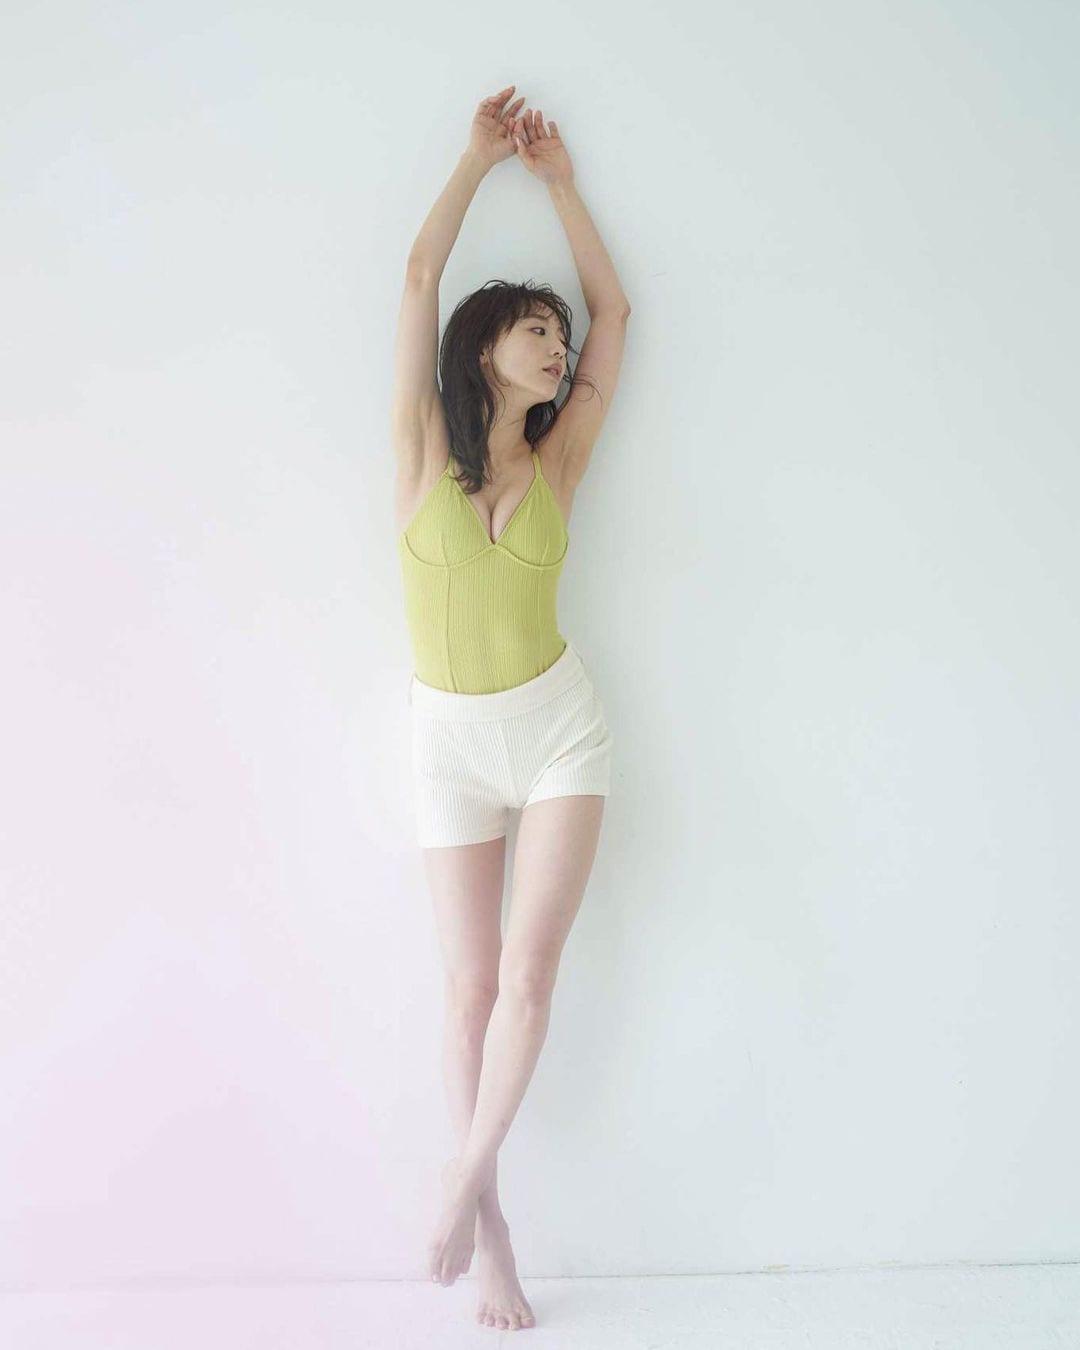 おのののか「6.5キロ減量の美スタイル…」雑誌グラビア登場にファン歓喜【画像2枚】の画像002